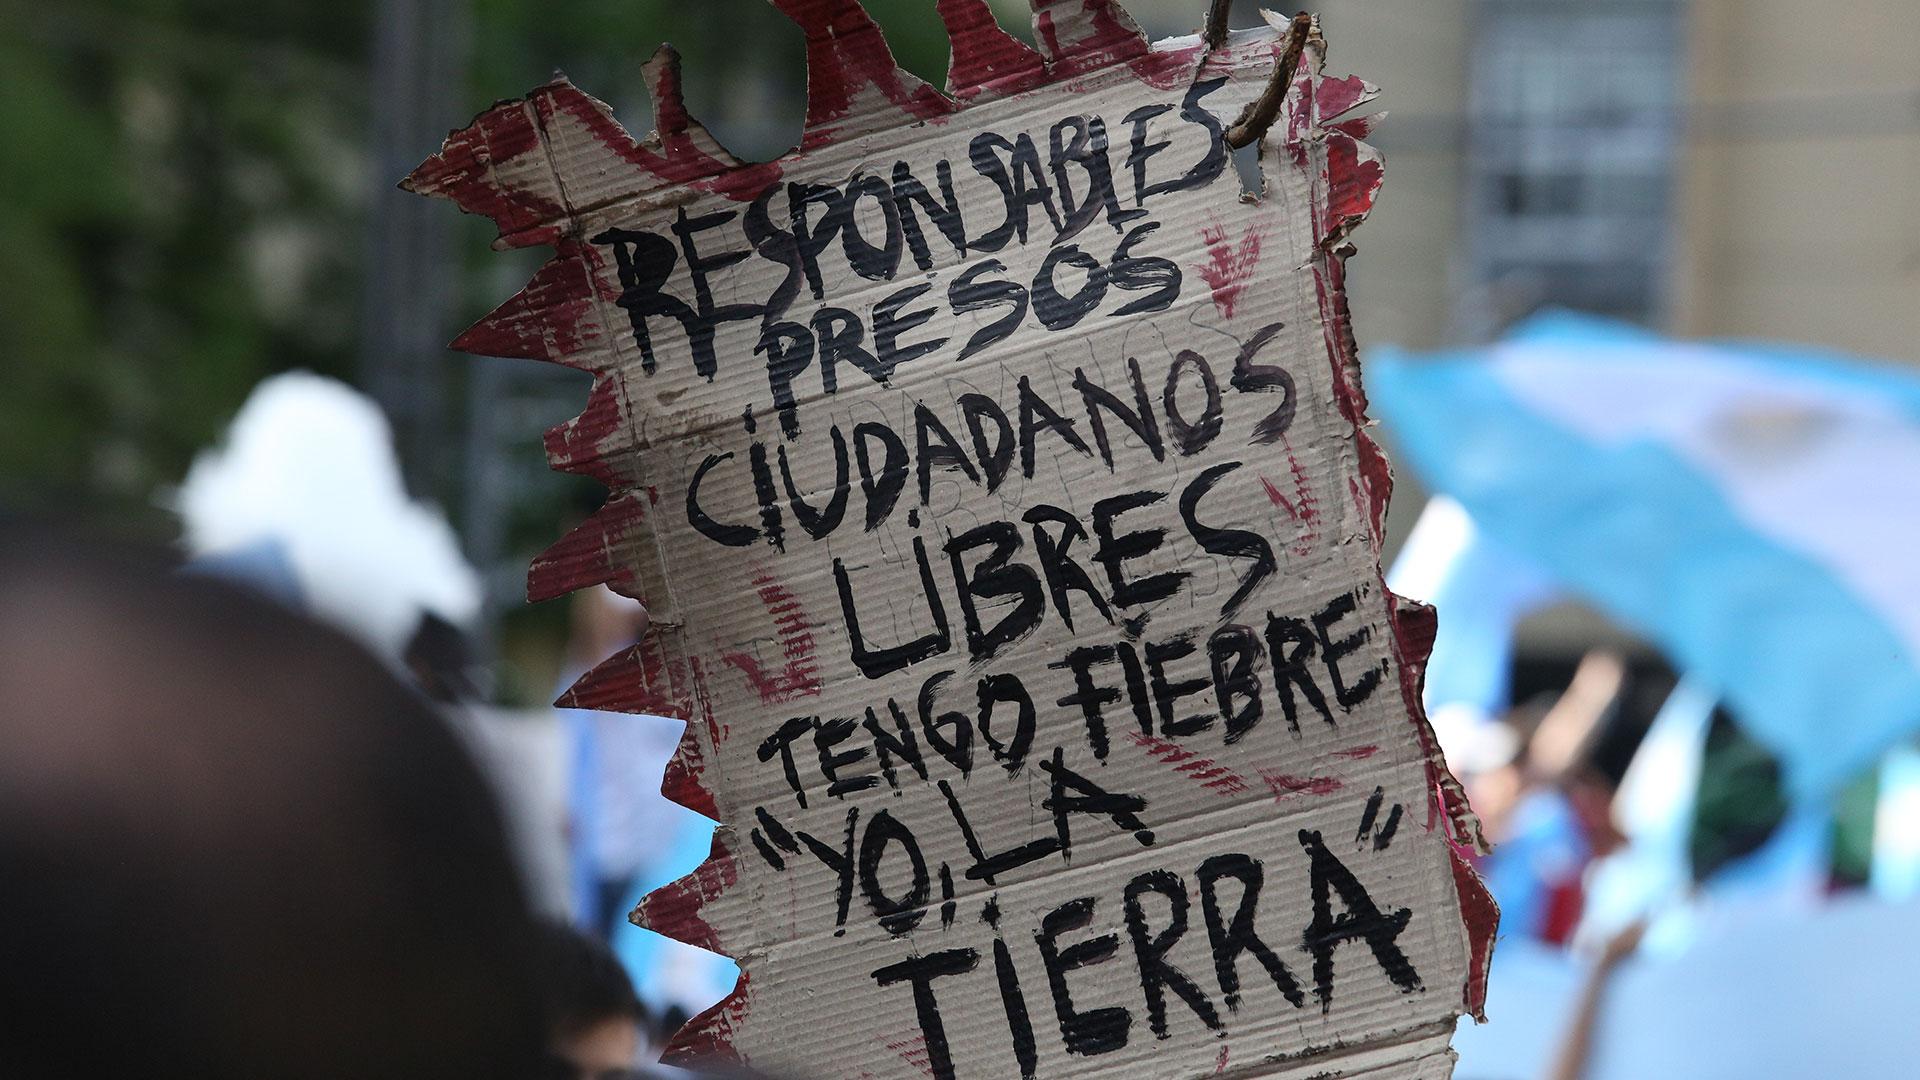 Los mensajes contra el Gobierno se repitieron en diferentes pancartas